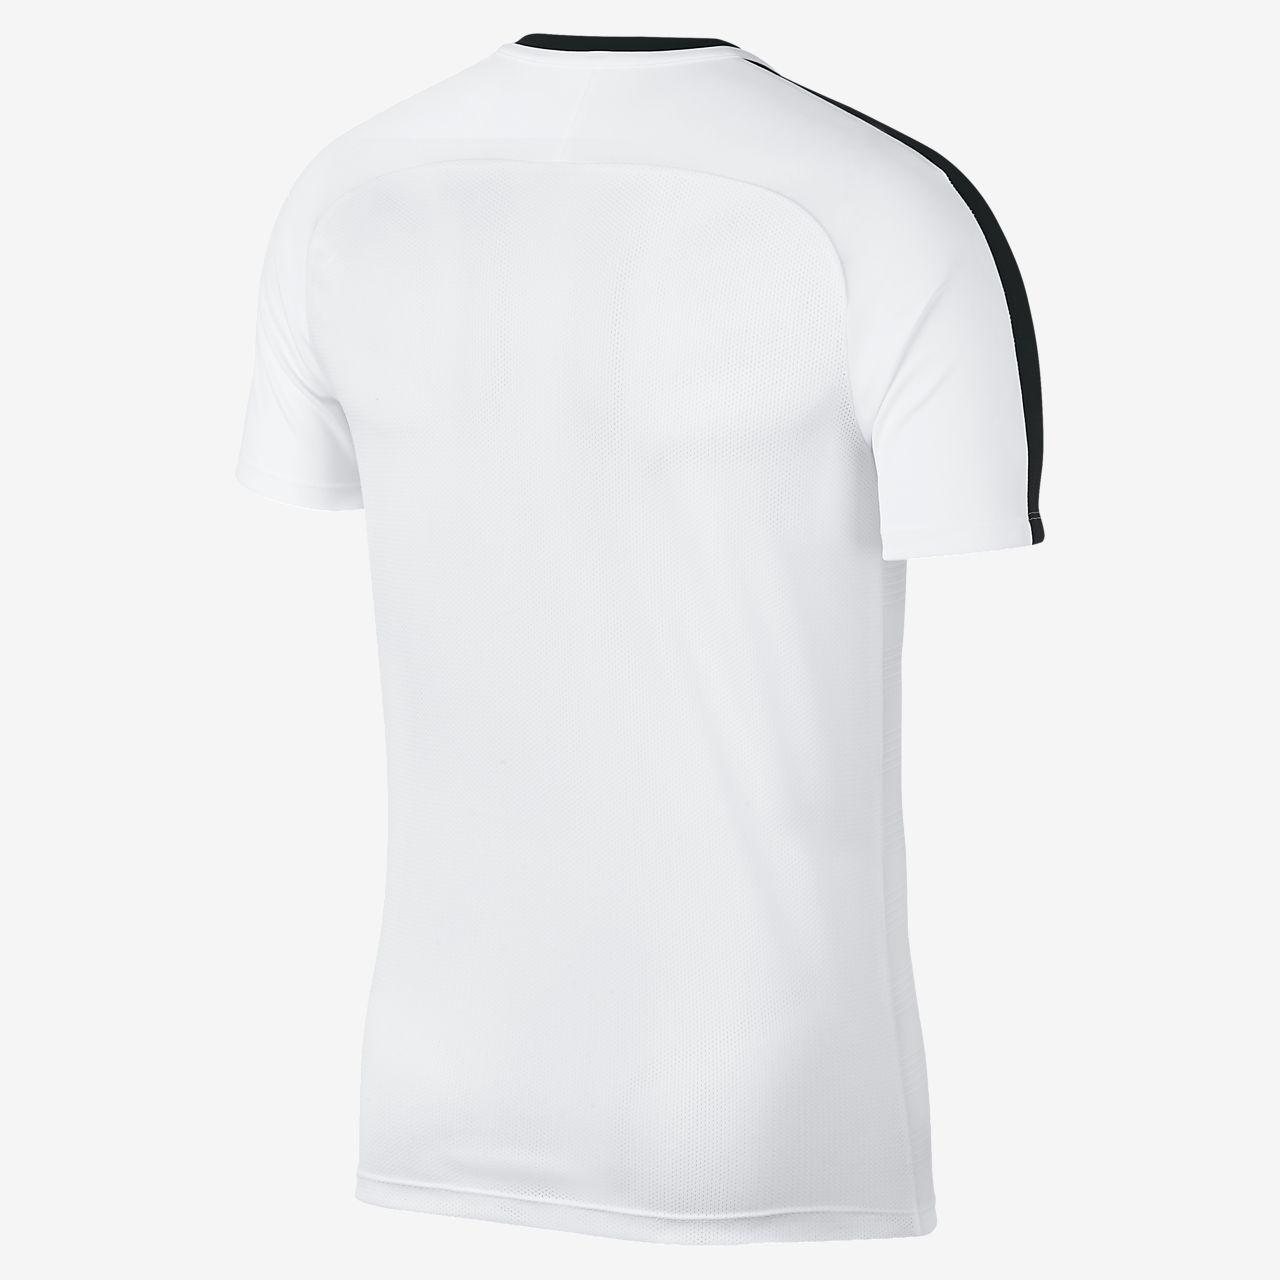 Polos à manches courtes Nike Dri-FIT noirs homme 9lD5s